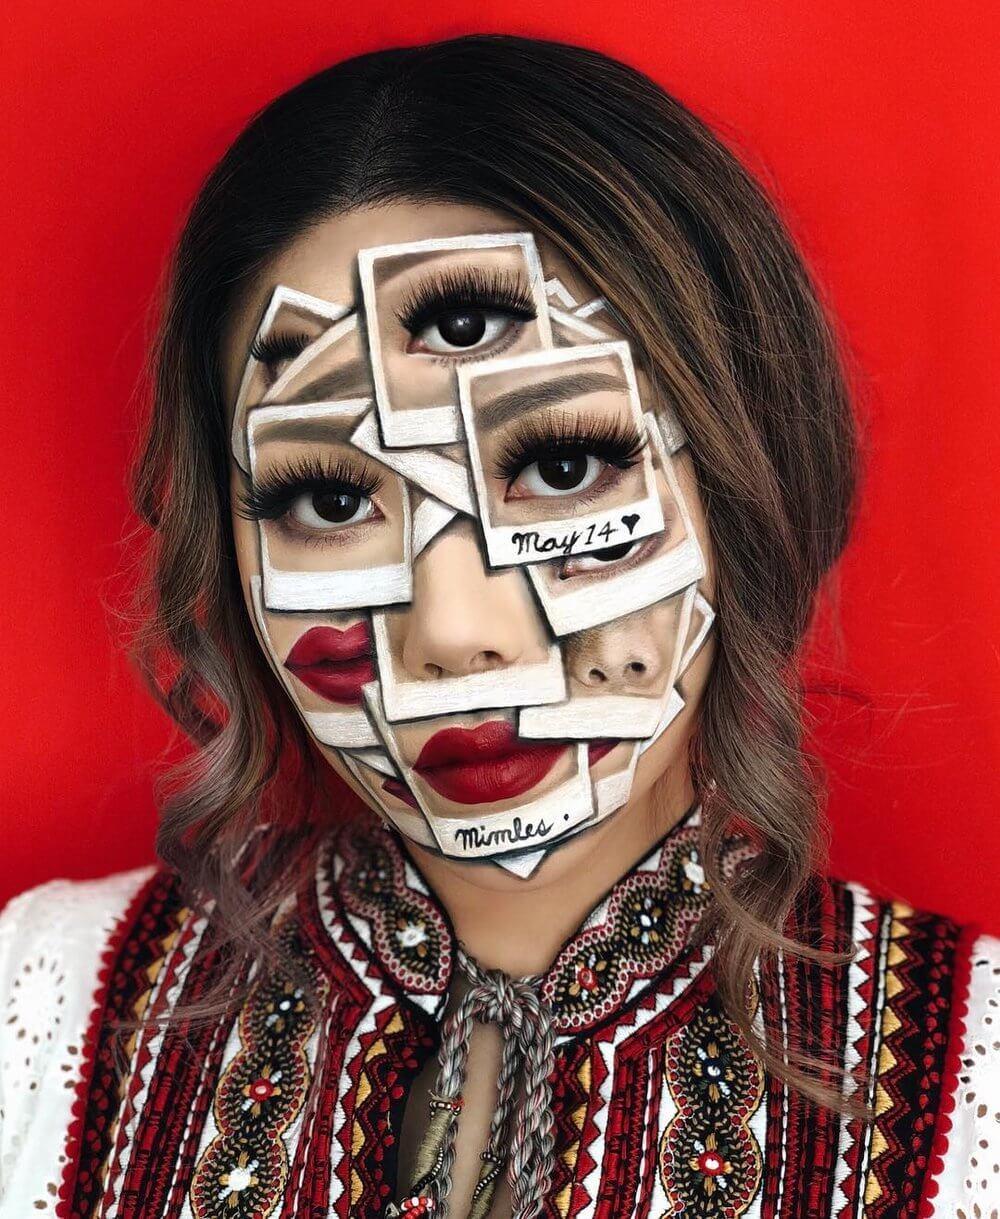 mimi's makeup portraits 5 (1)